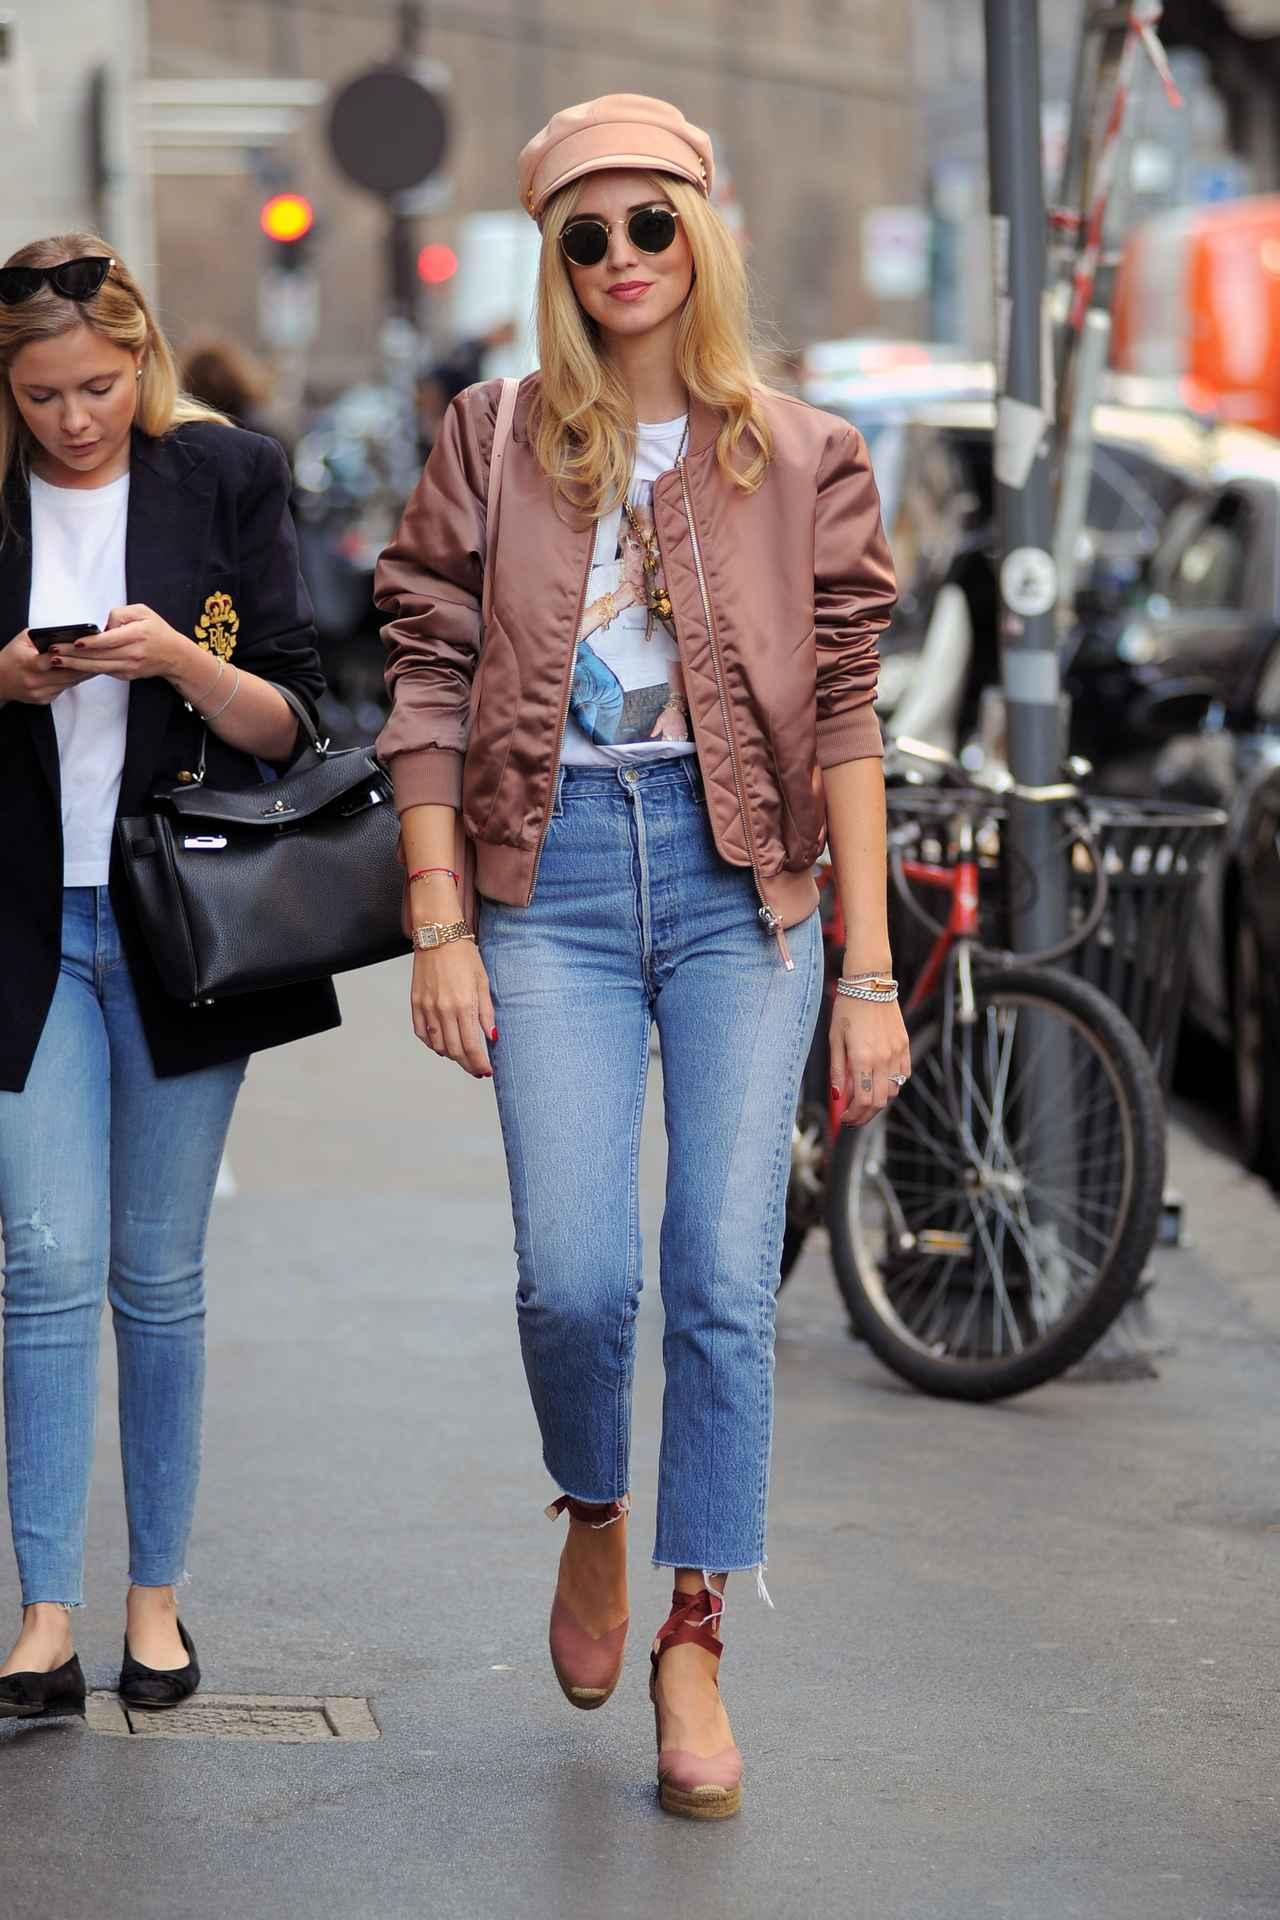 画像1: キアラ・フェラーニ、ブルゾン×デニムをピンクでまとめてお洒落に着こなし